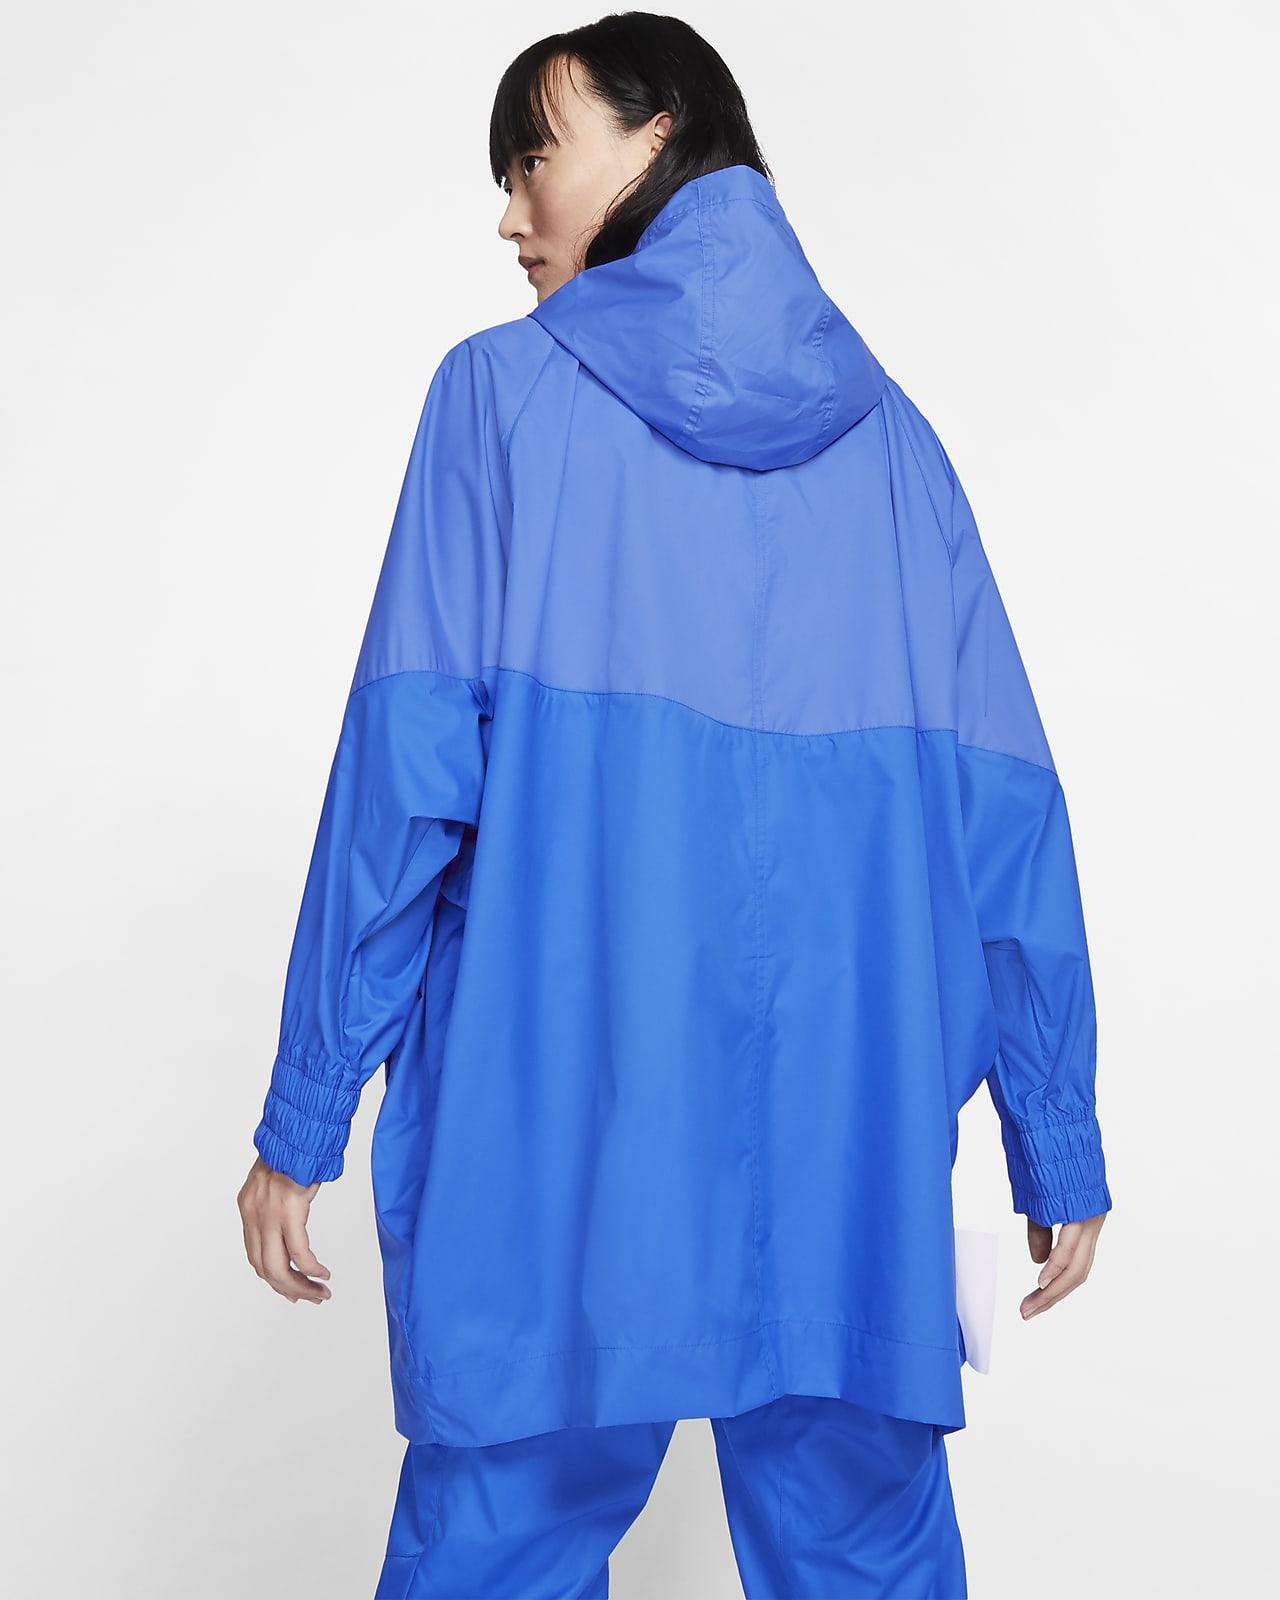 Salvación vino Descriptivo  Nike Sportswear NSW Windrunner Women's Full-Zip Jacket. Nike LU